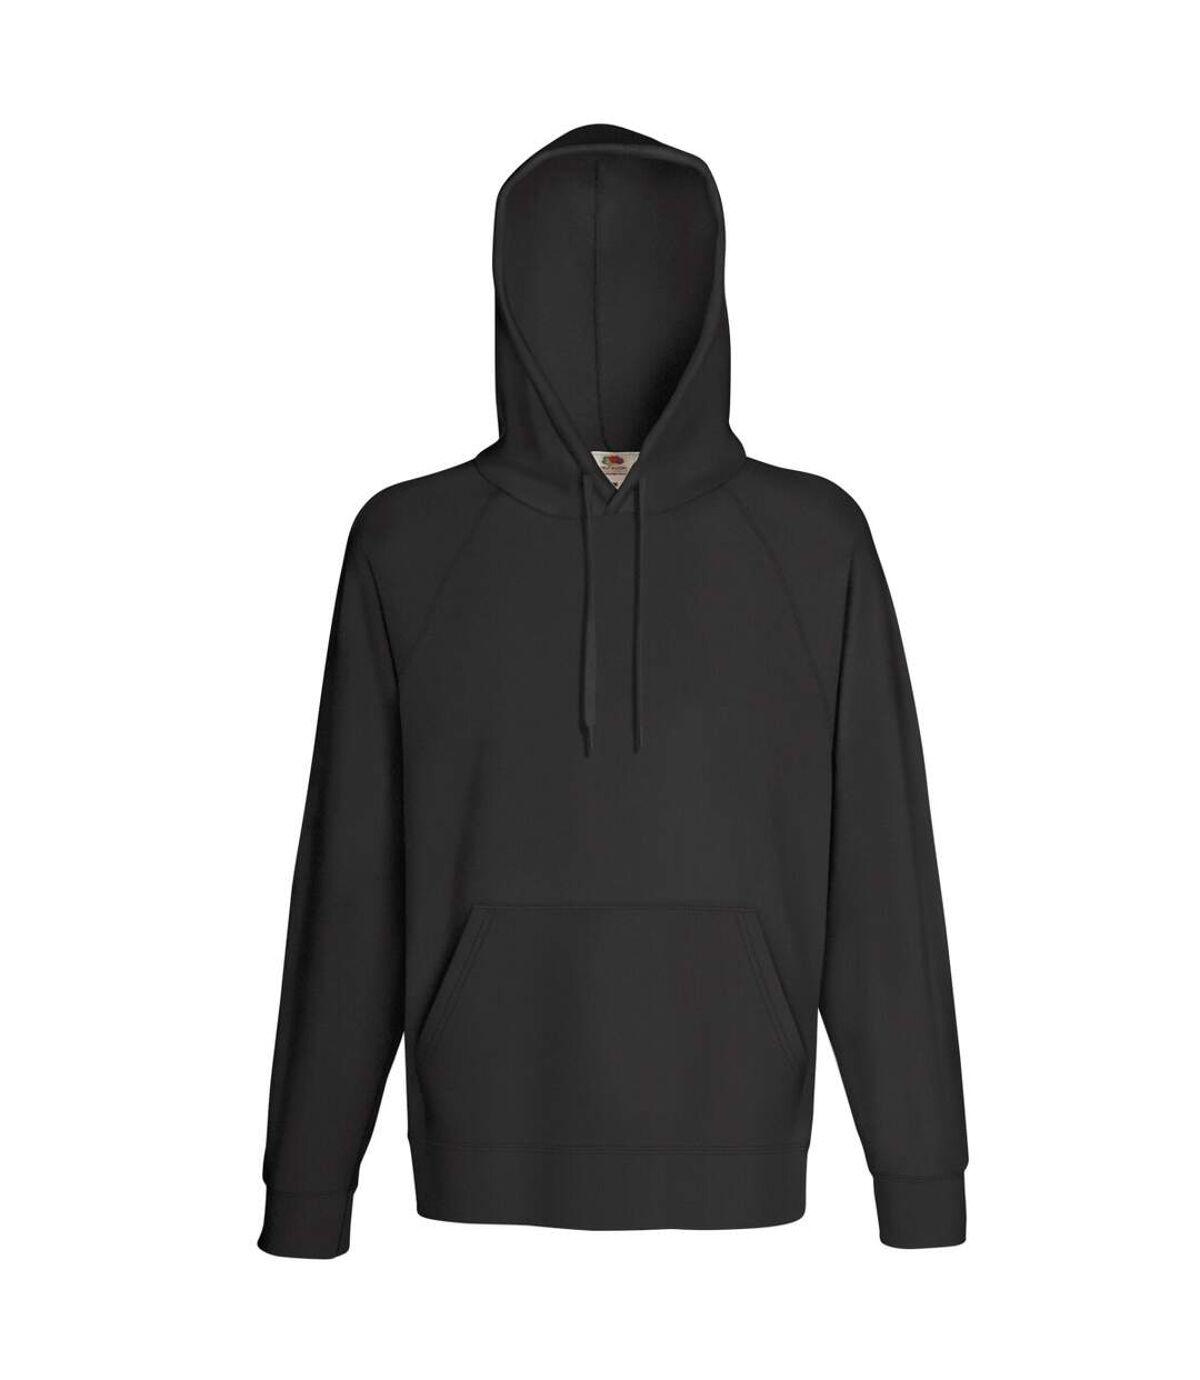 Fruit Of The Loom - Sweatshirt à capuche léger - Homme (Graphite clair) - UTBC2654